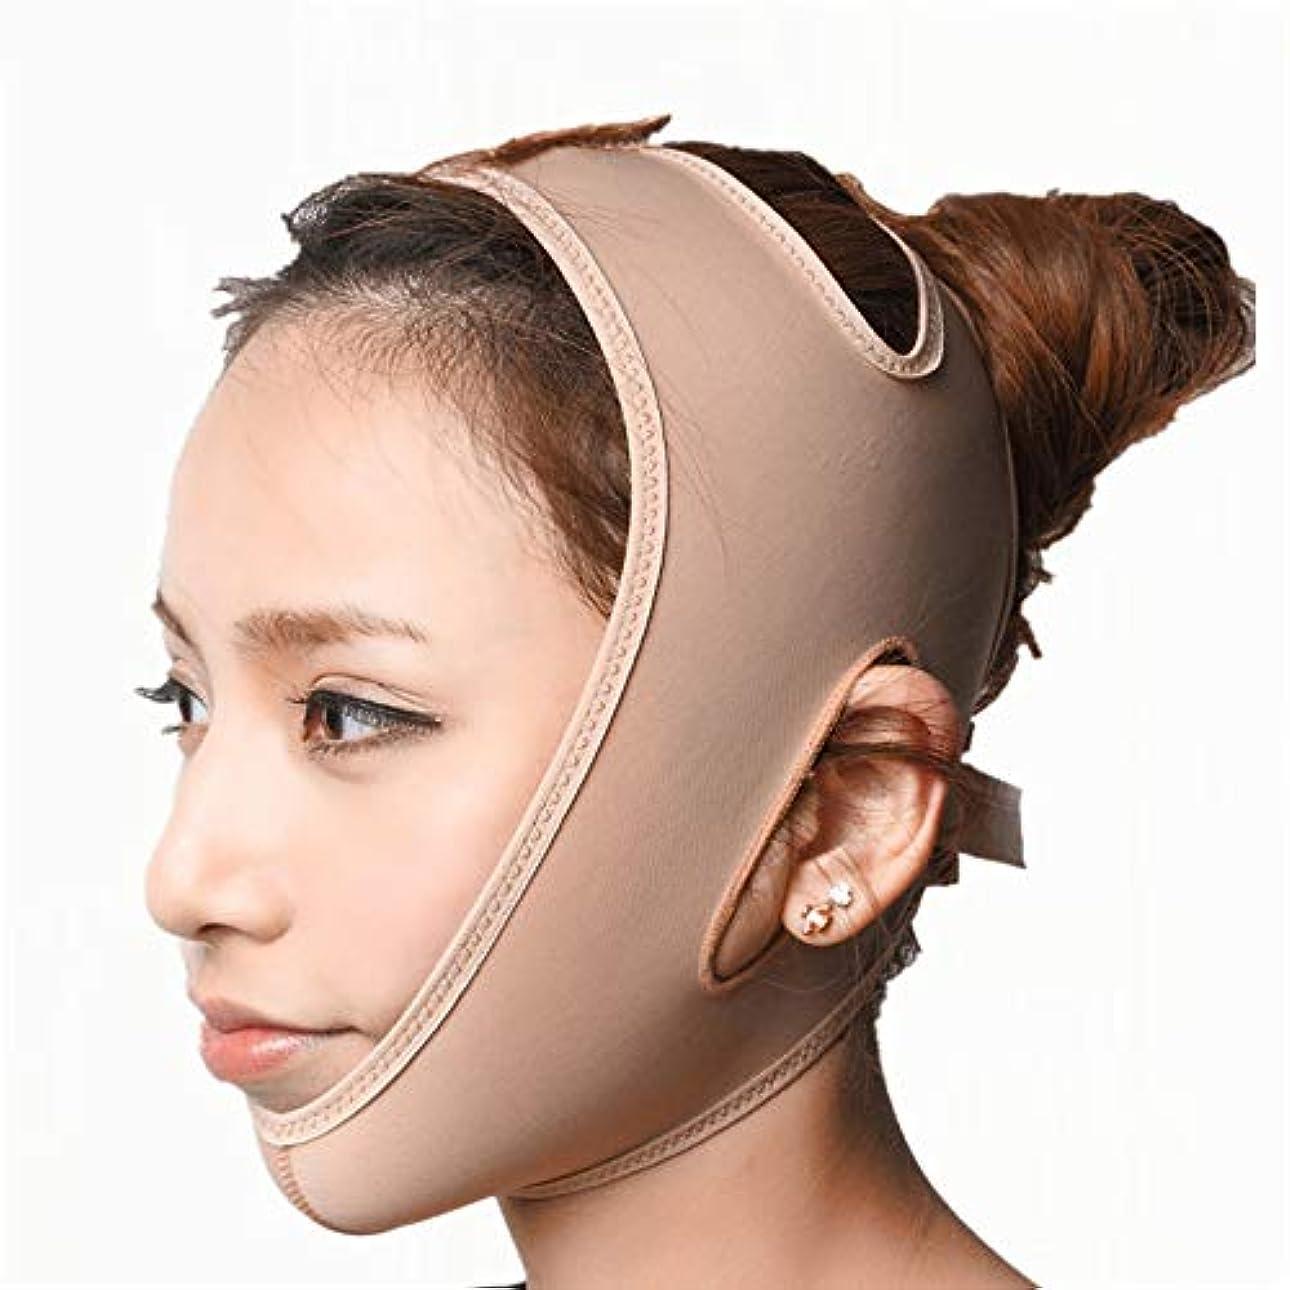 改善するコンサルタント電子顔の持ち上がる痩身ベルト - アンチエイジングリンクルフェイスマスクベルトシンフェイス包帯整形マスクは顔と首を締めますフェイススリム (サイズ さいず : S s)